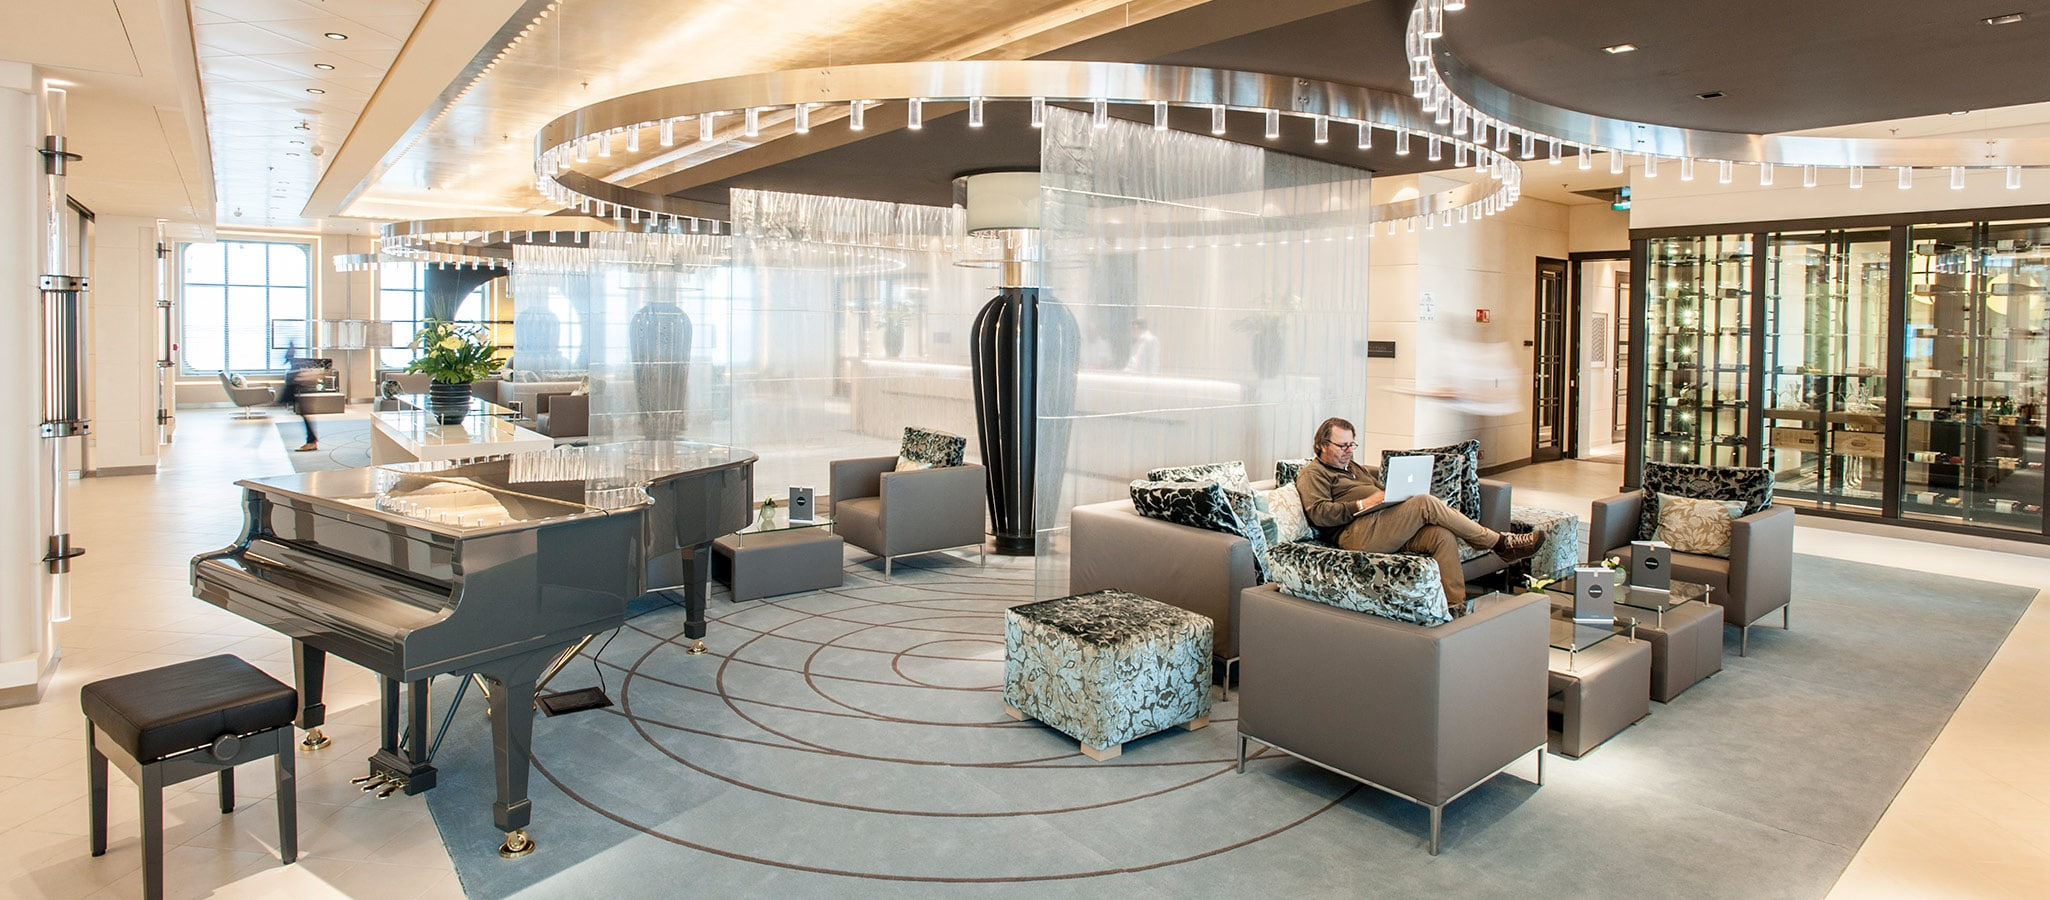 Die Vielfalt der Lounges lässt sich beliebig nutzen. Z.B. für Cocktail-Receptions, Meetings, Break-Out-Sessions.